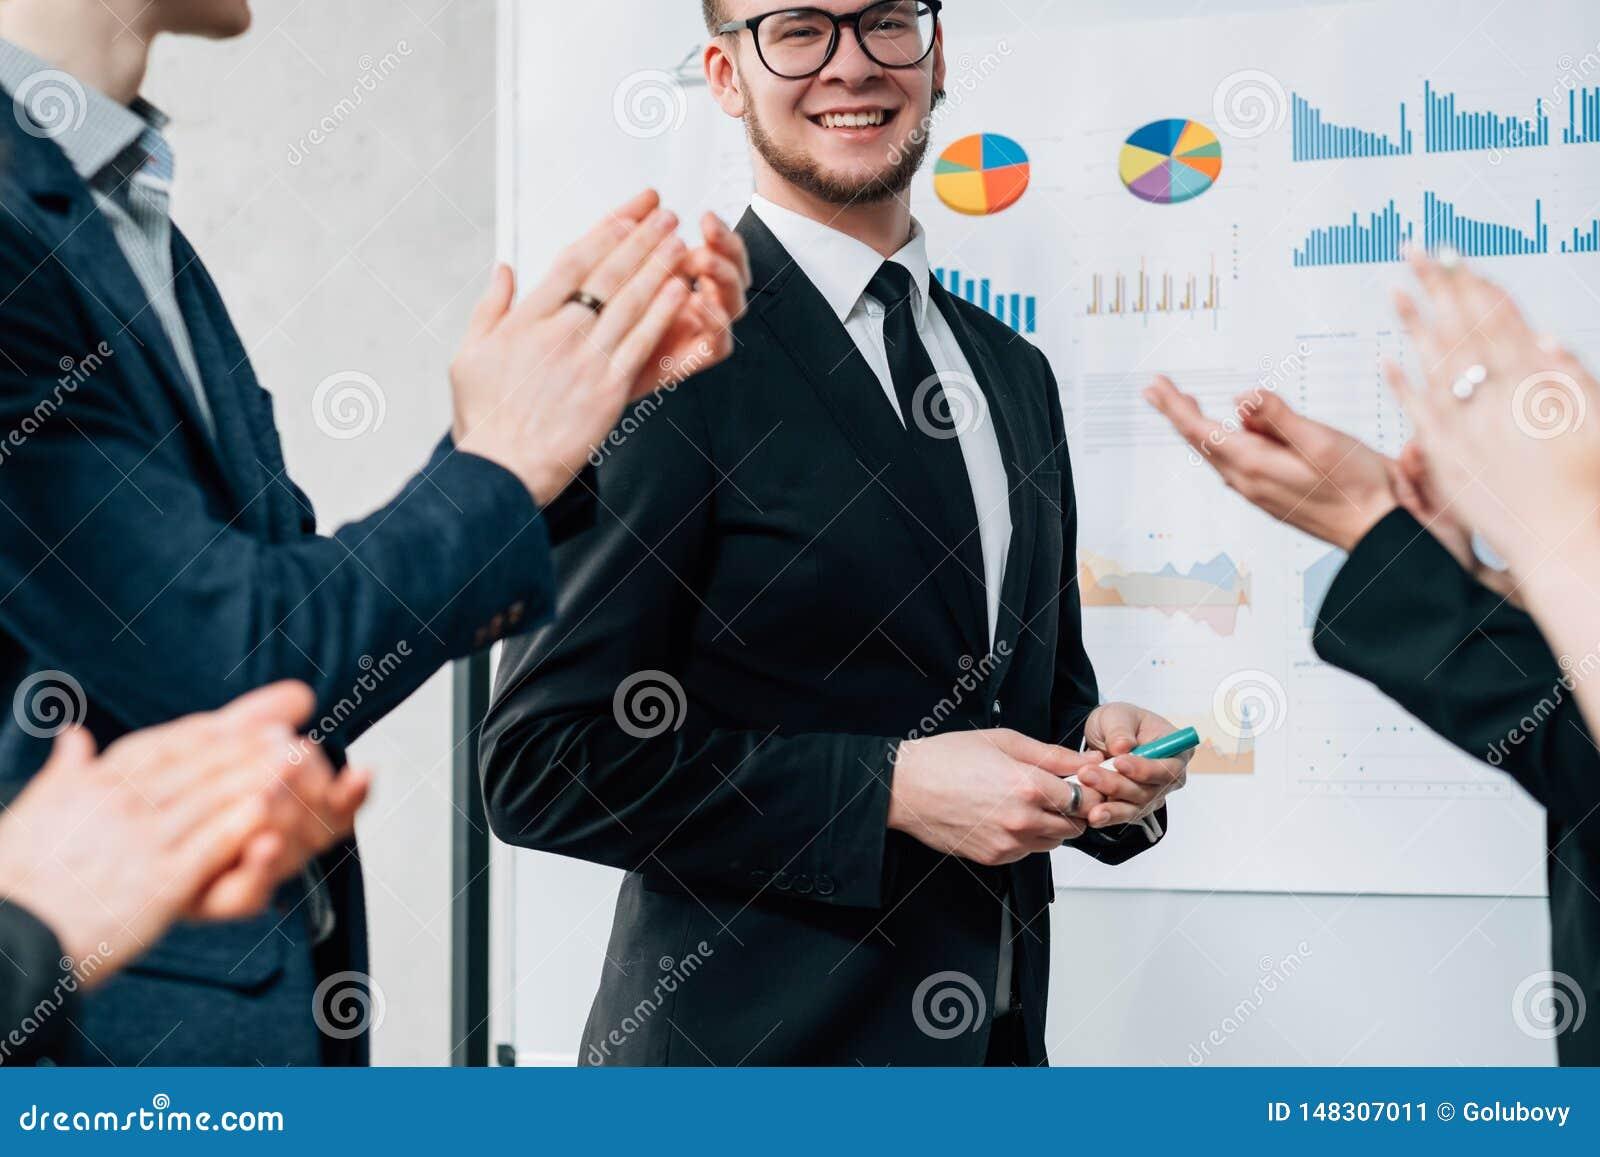 Carriera del consulente in materia di affari riuscita che applaude